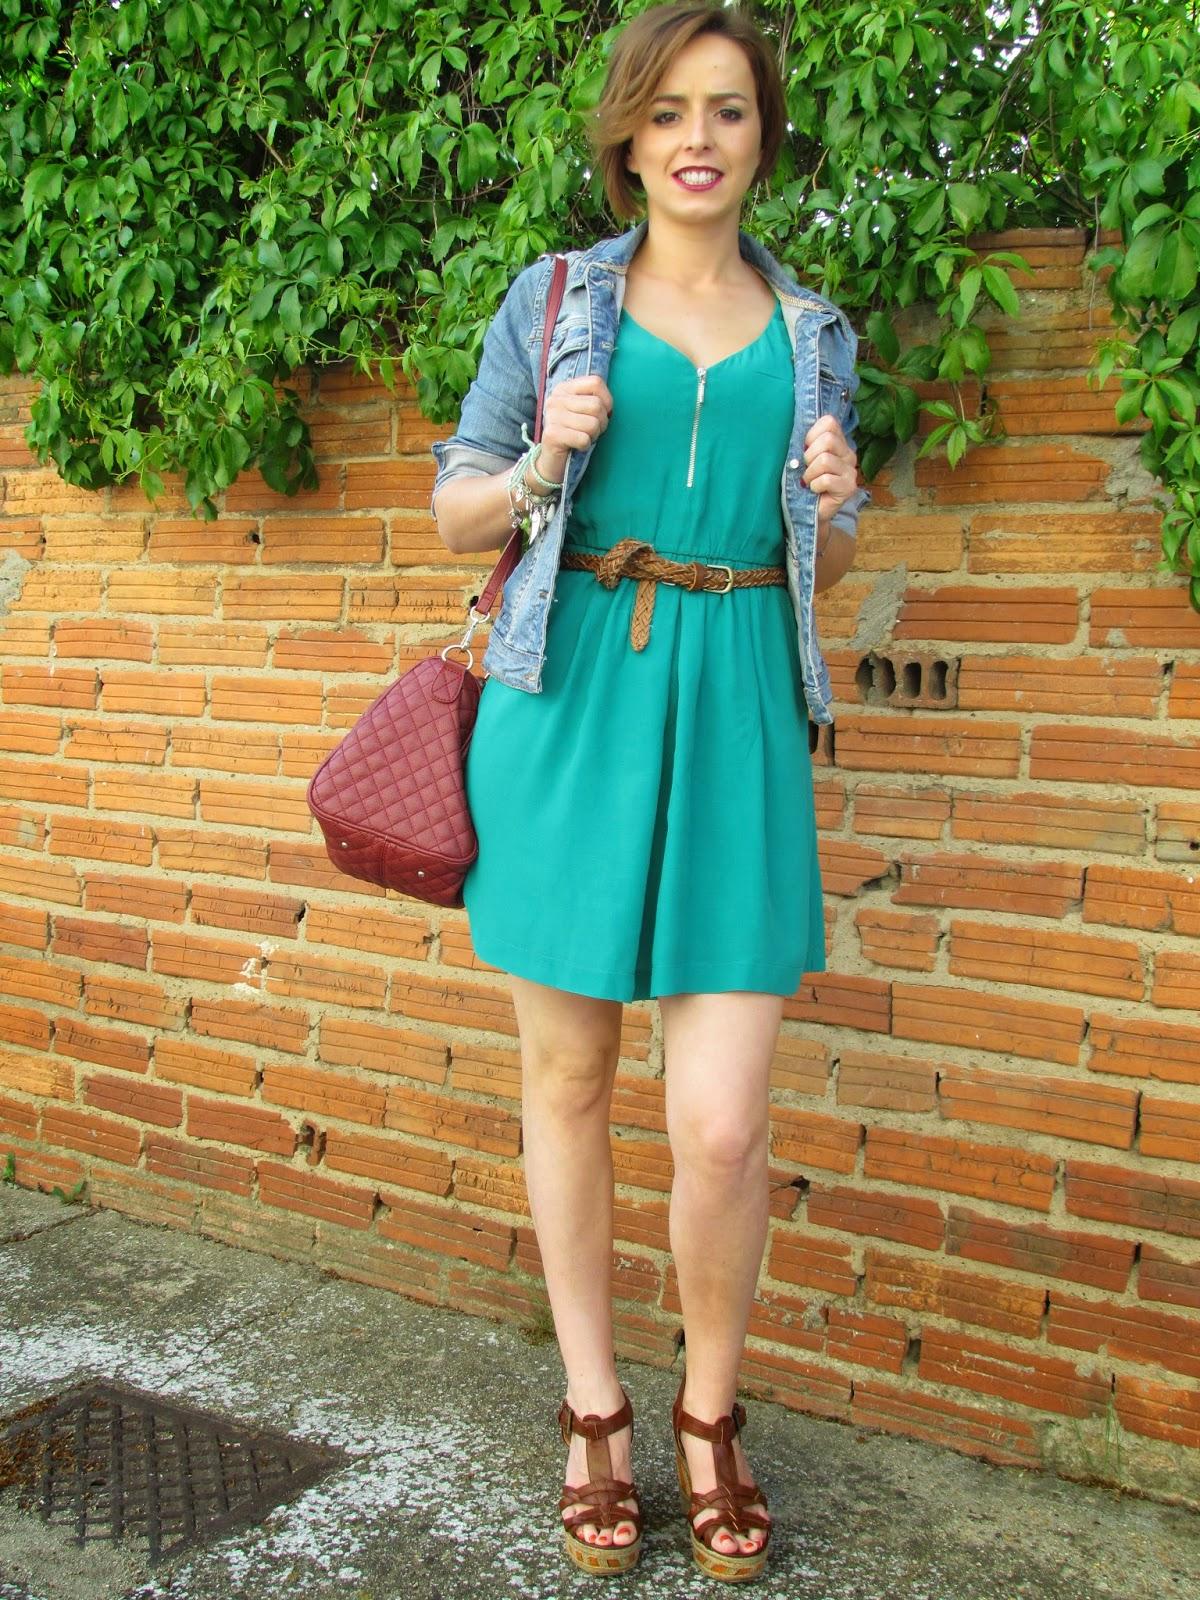 Chaqueta para vestido verde